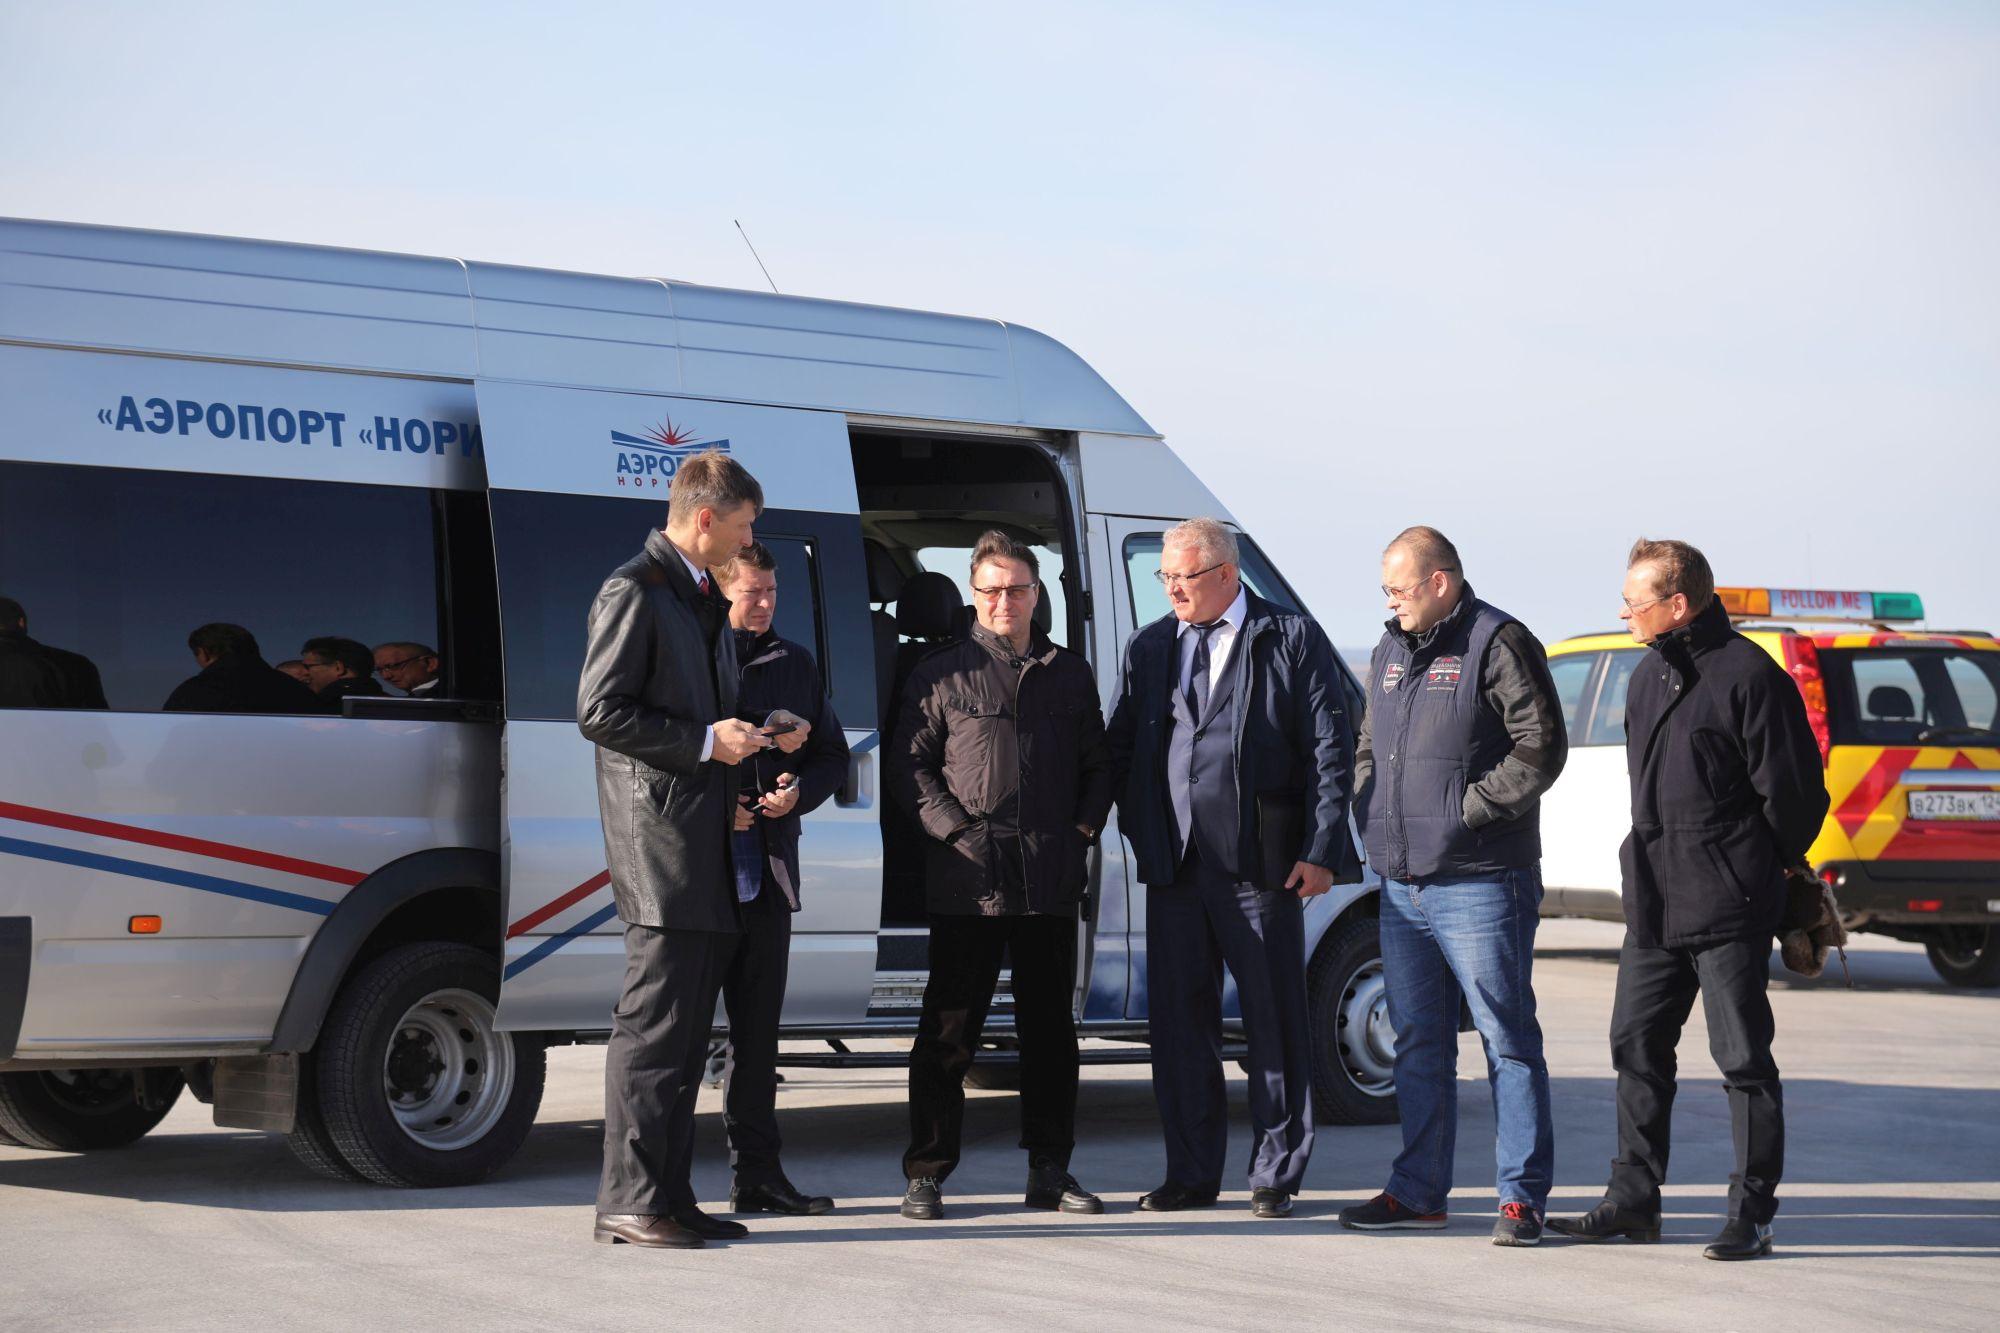 ВНорильске подытожили 2-го этапа реконструкции ВПП аэропорта